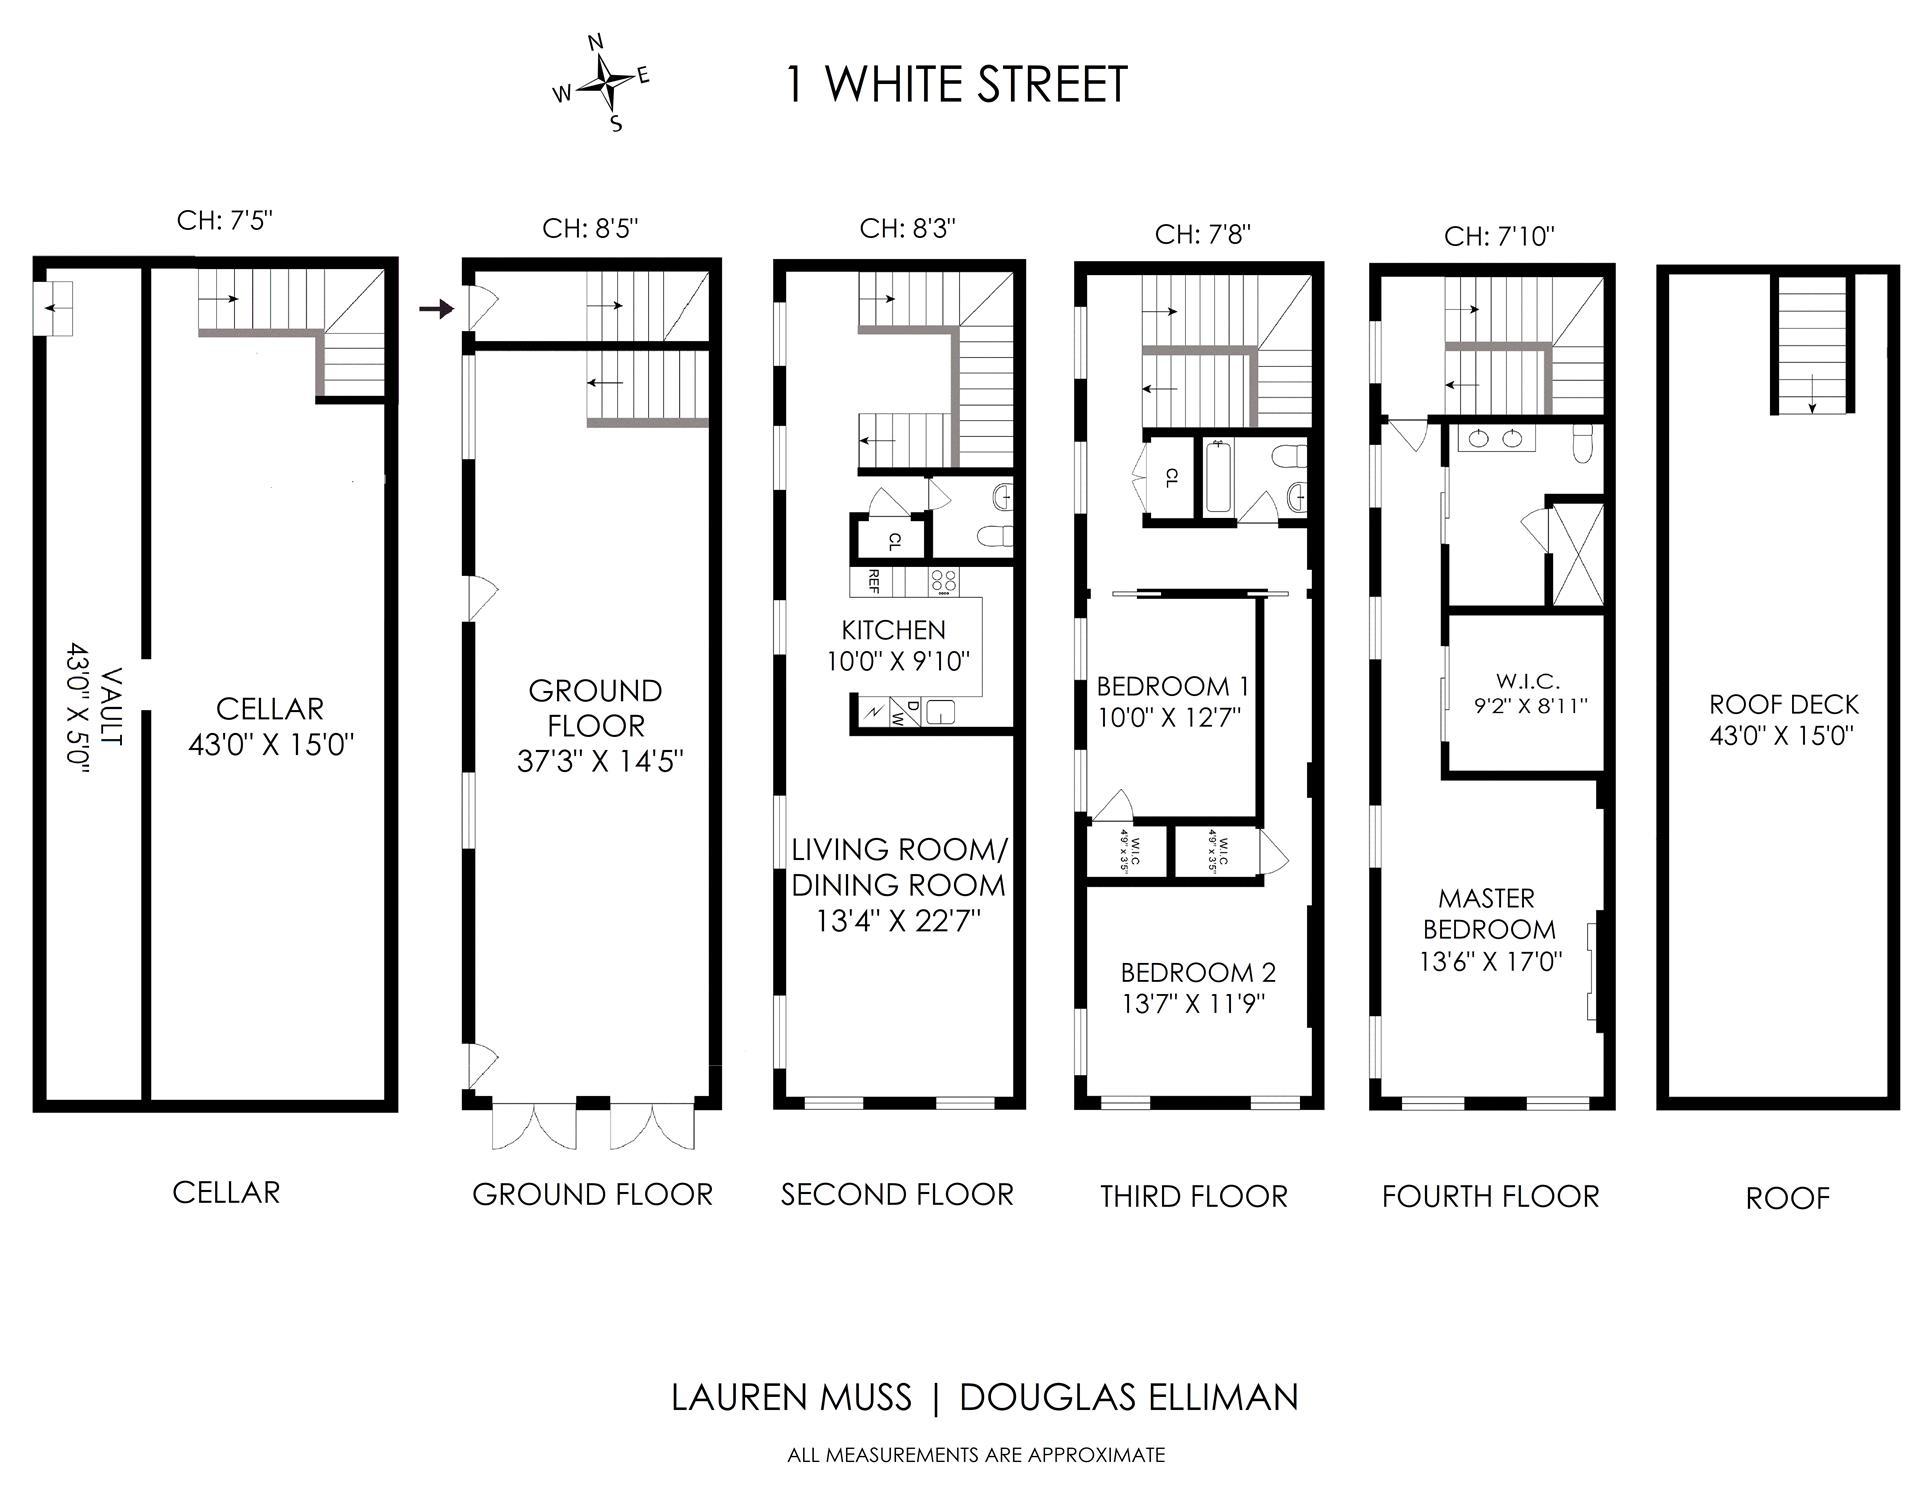 Floor plan of 1 White St - TriBeCa, New York